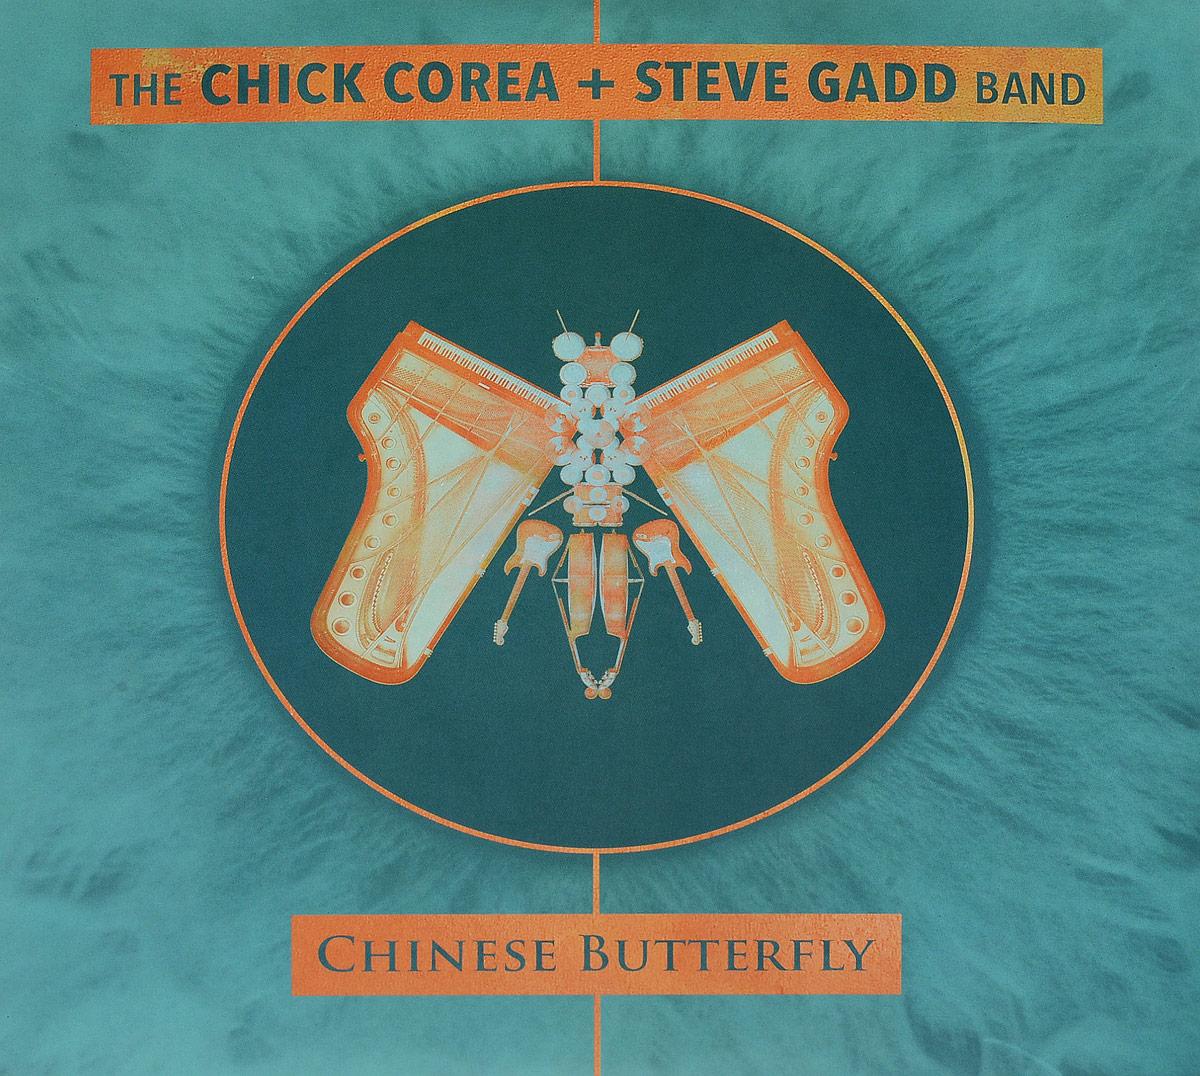 The Chick Corea + Steve Gadd Band The Chick Corea + Steve Gadd Band. Chinese Butterfly (3 LP) бакке д работа в радость бизнес модель будущего